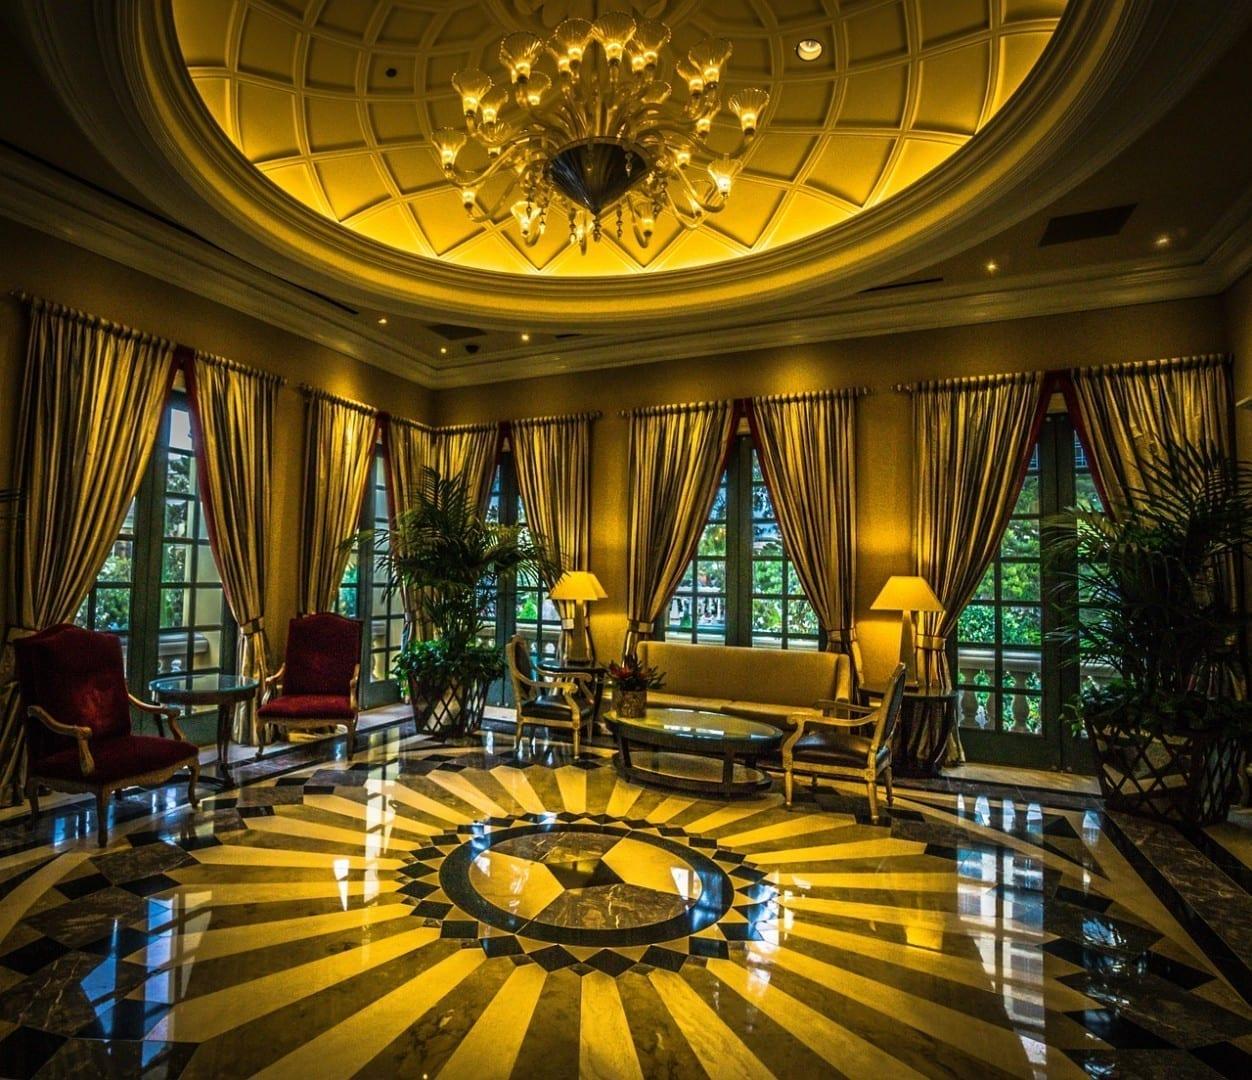 Las Vegas Bellagio De Viaje Italia